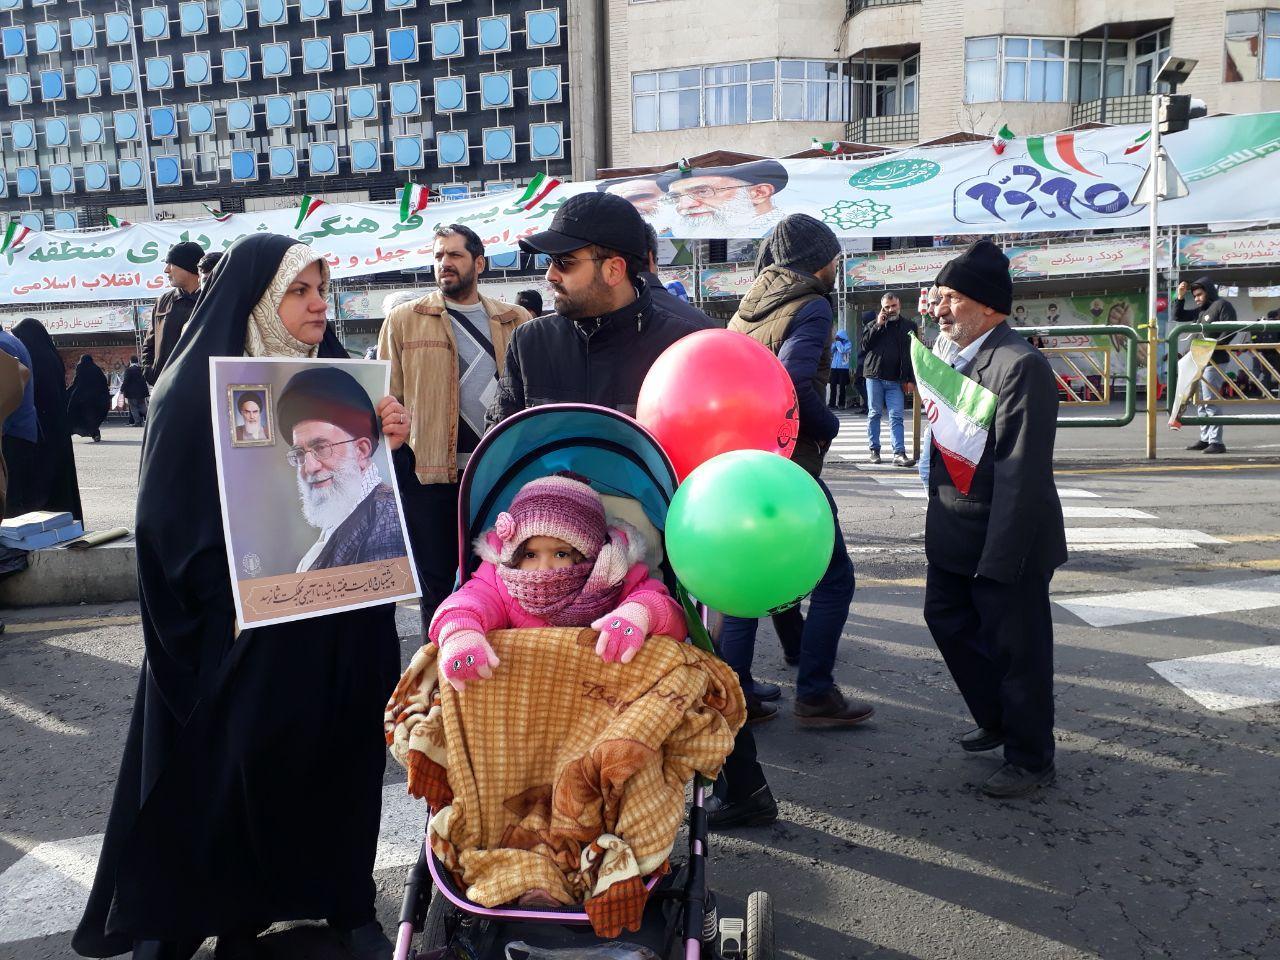 حضور پرشور مردم در راهپیمایی ۲۲ بهمن